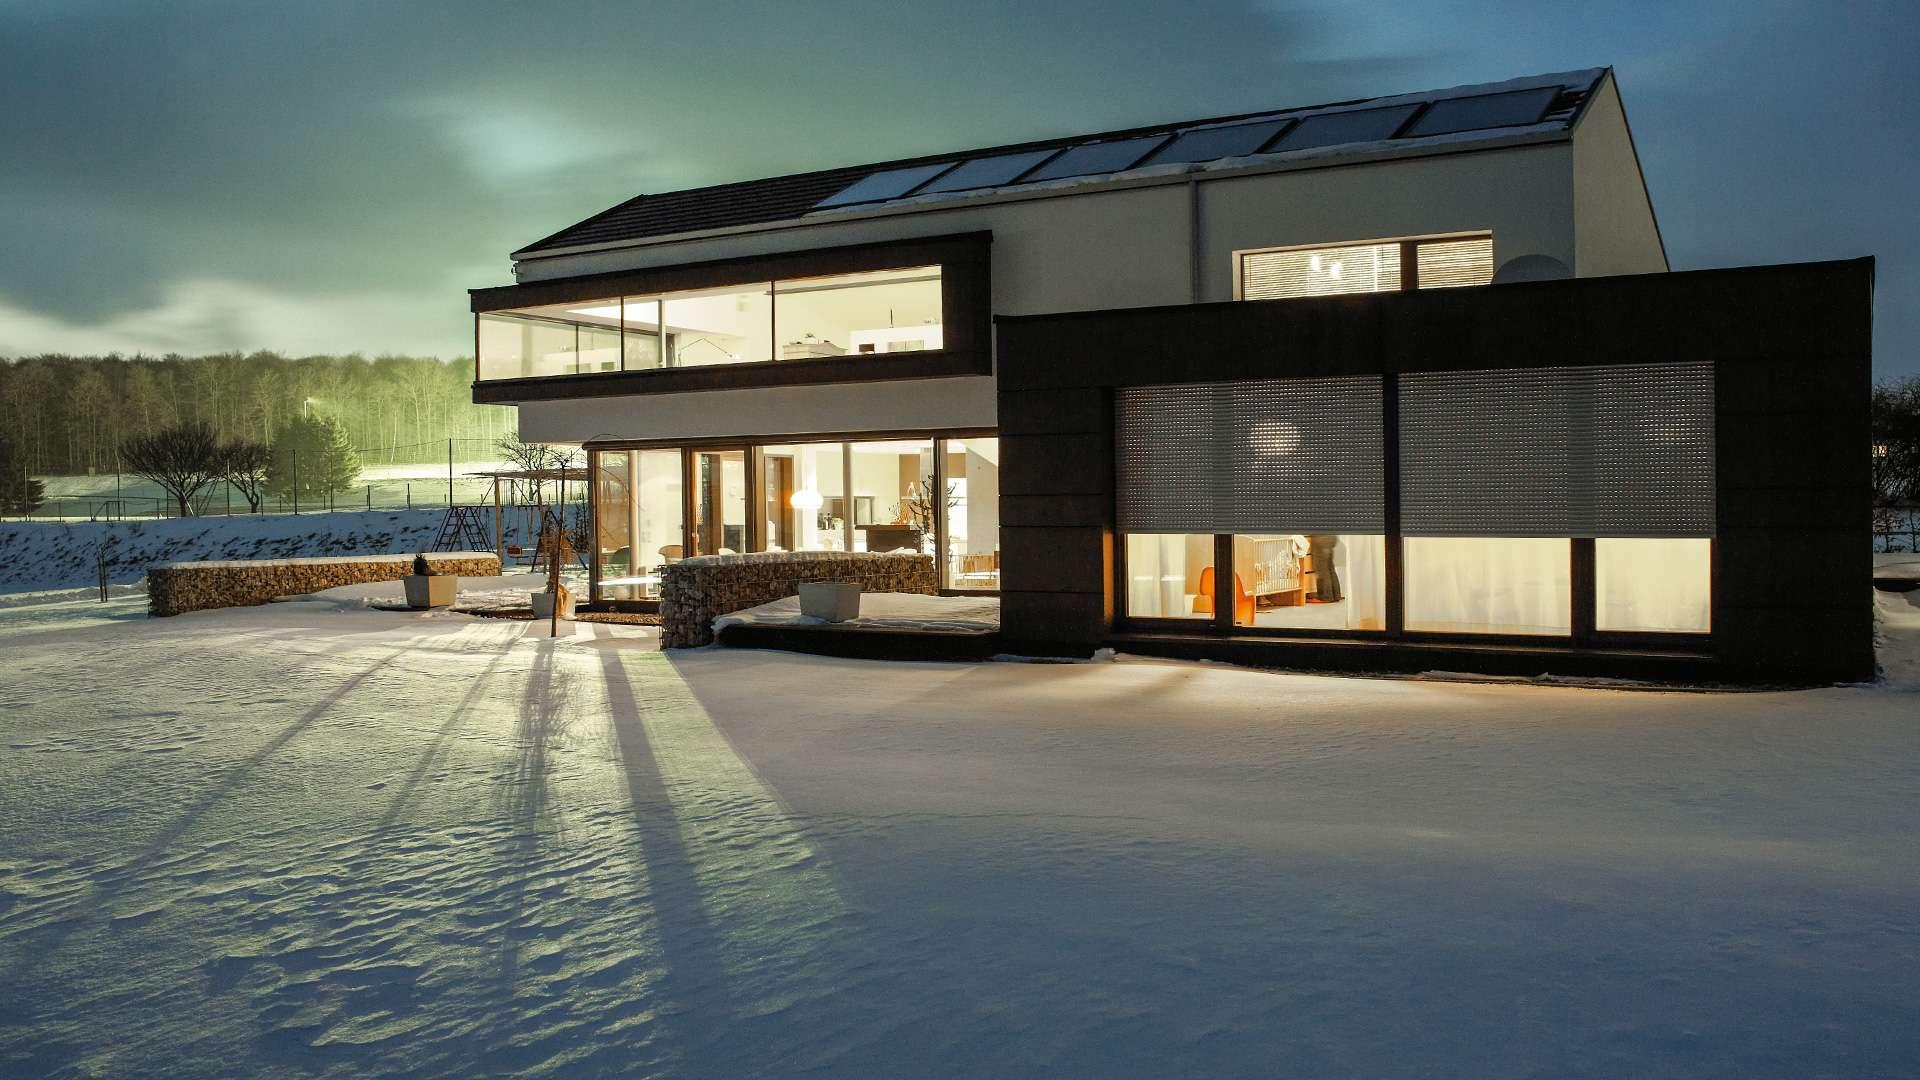 modernes Wohnhaus im Schnee mit Rollläden vor den Fenstern